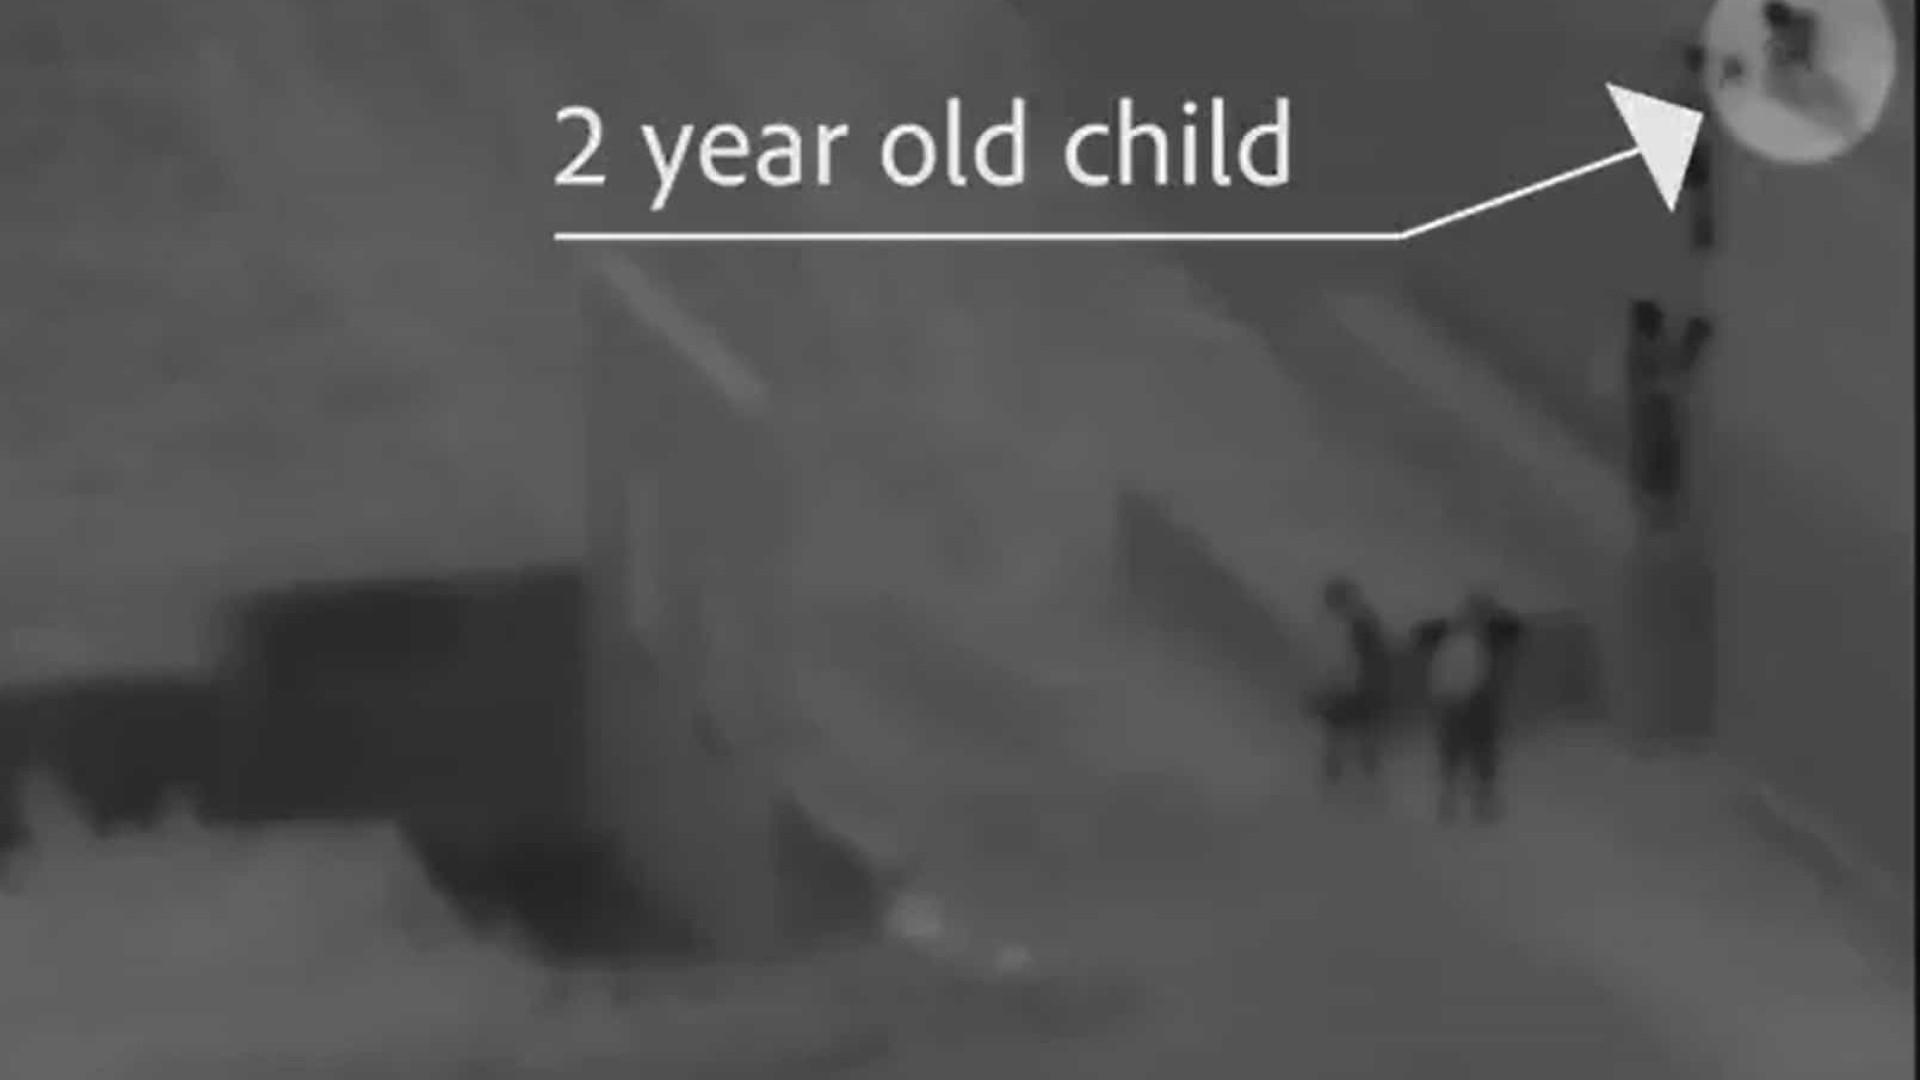 Criança de dois anos é filmada sendo jogada de muro na fronteira dos EUA